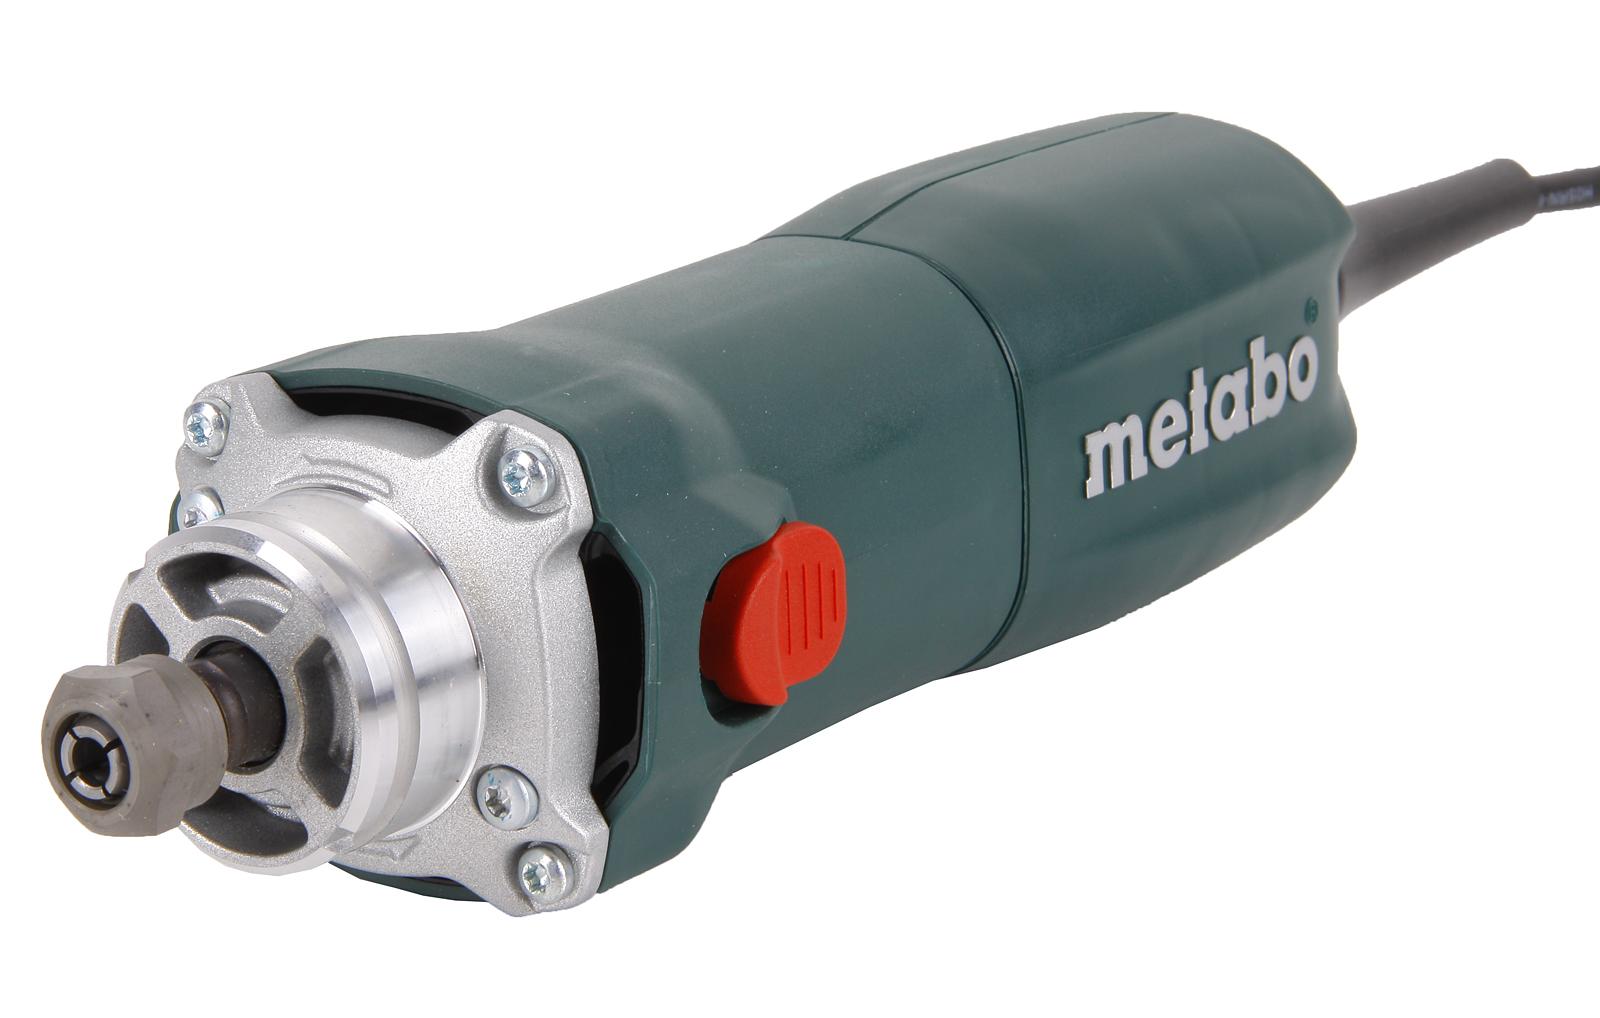 Машинка шлифовальная прямая Metabo Ge 710 compact (600615000)